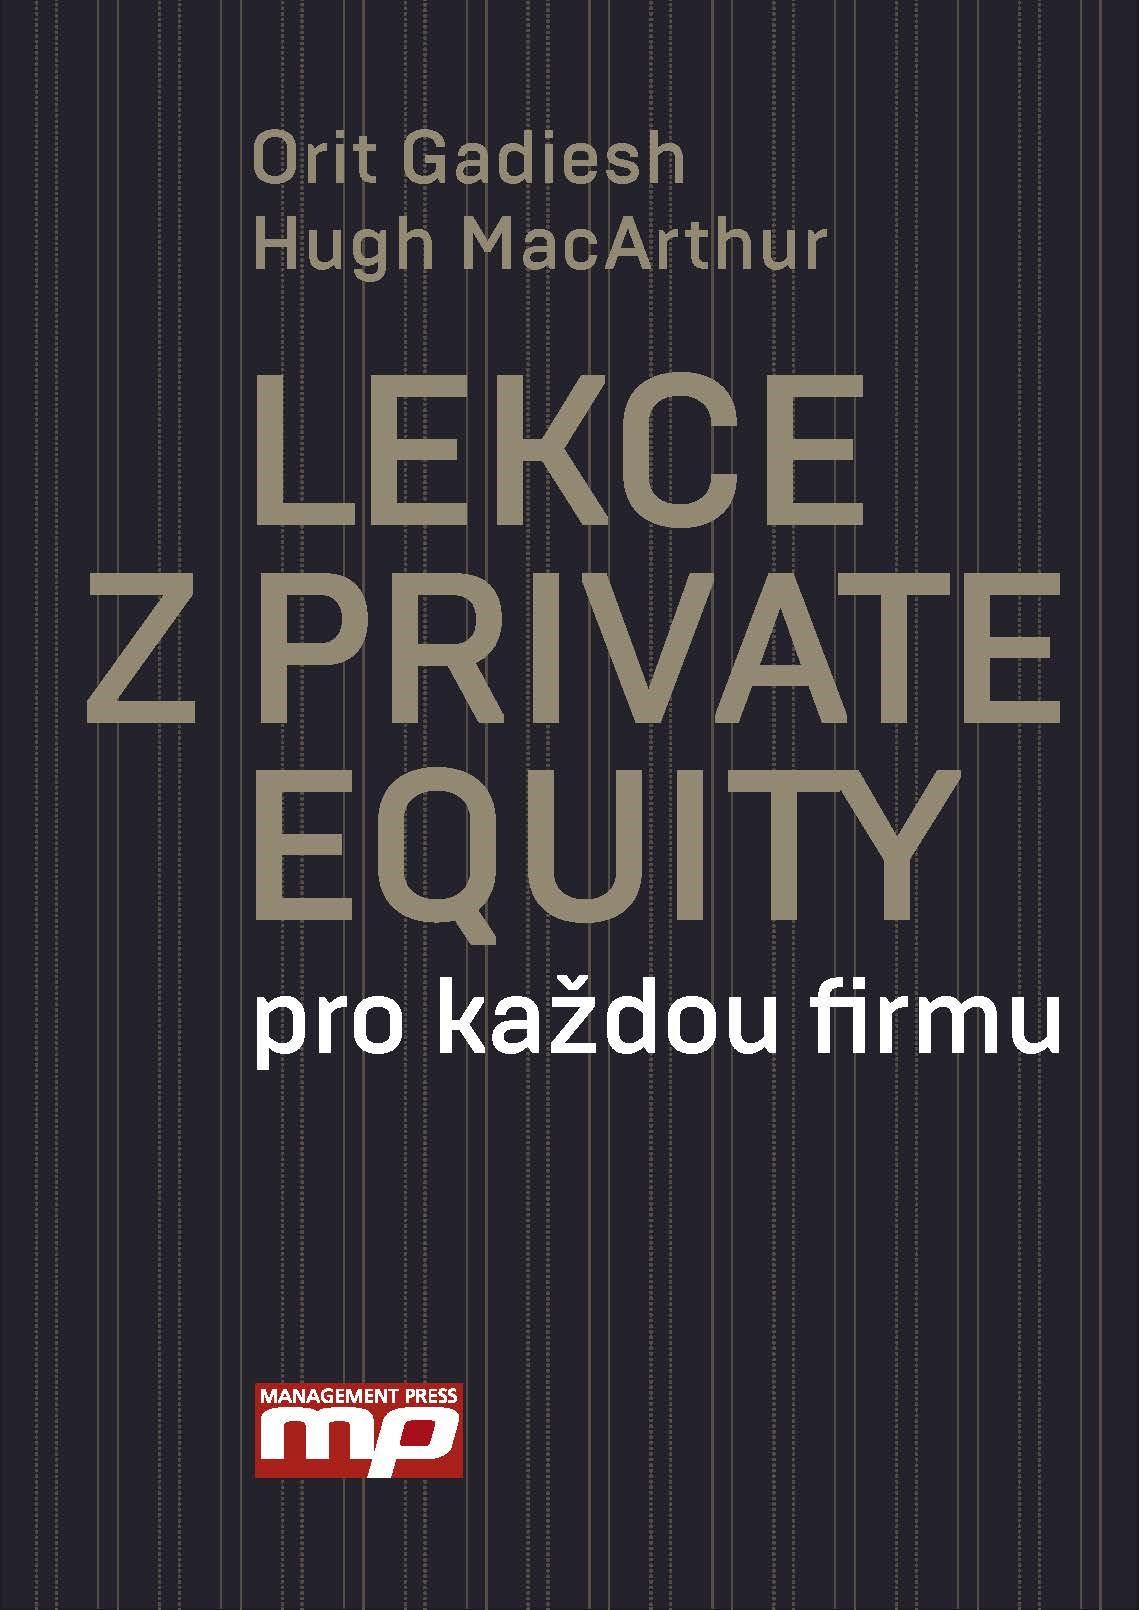 Lekce z Private Equity pro každou firmu